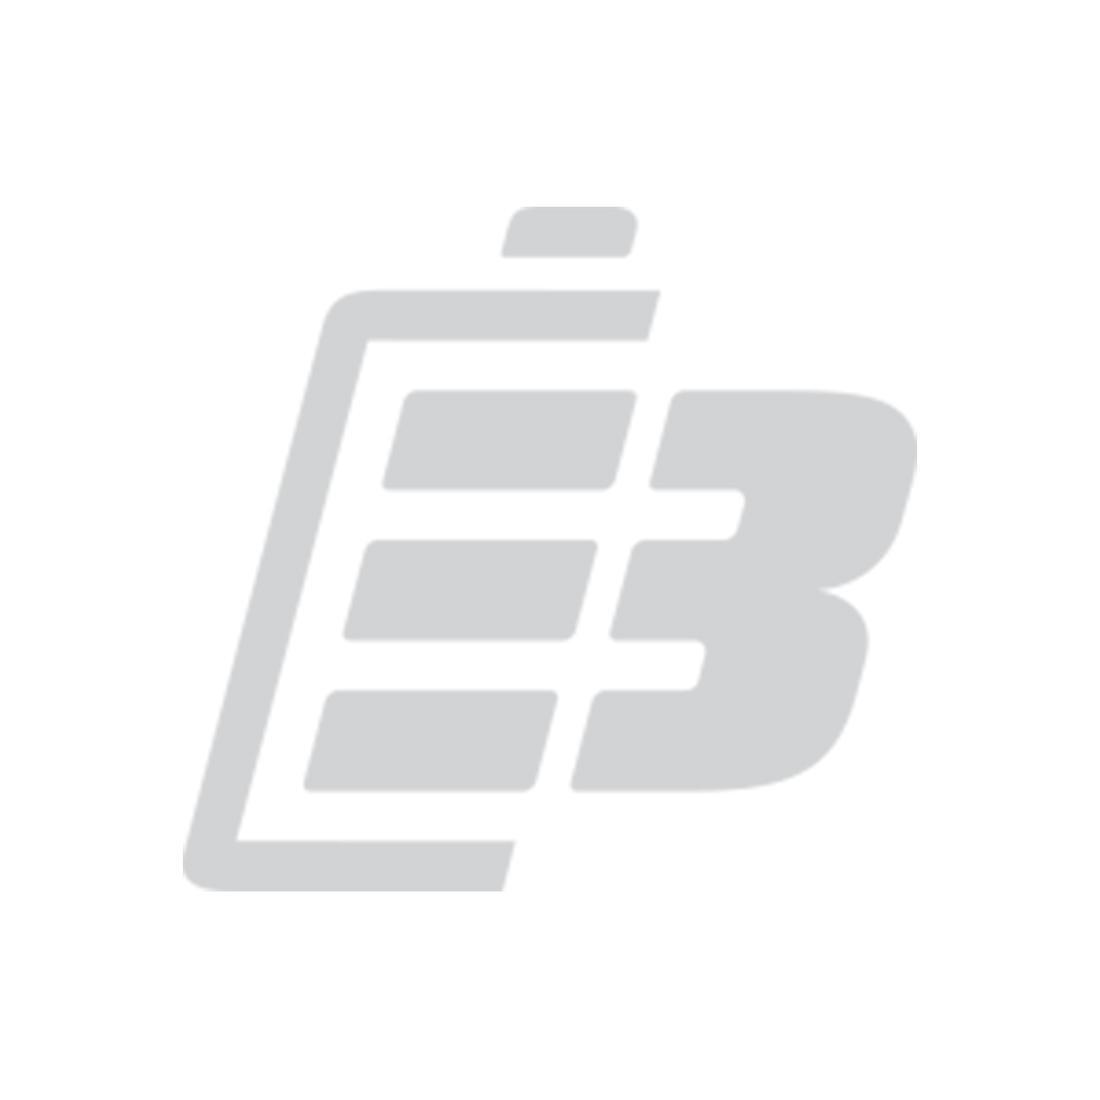 Μπαταρία βιντεοκάμερας JVC BN-V114_1